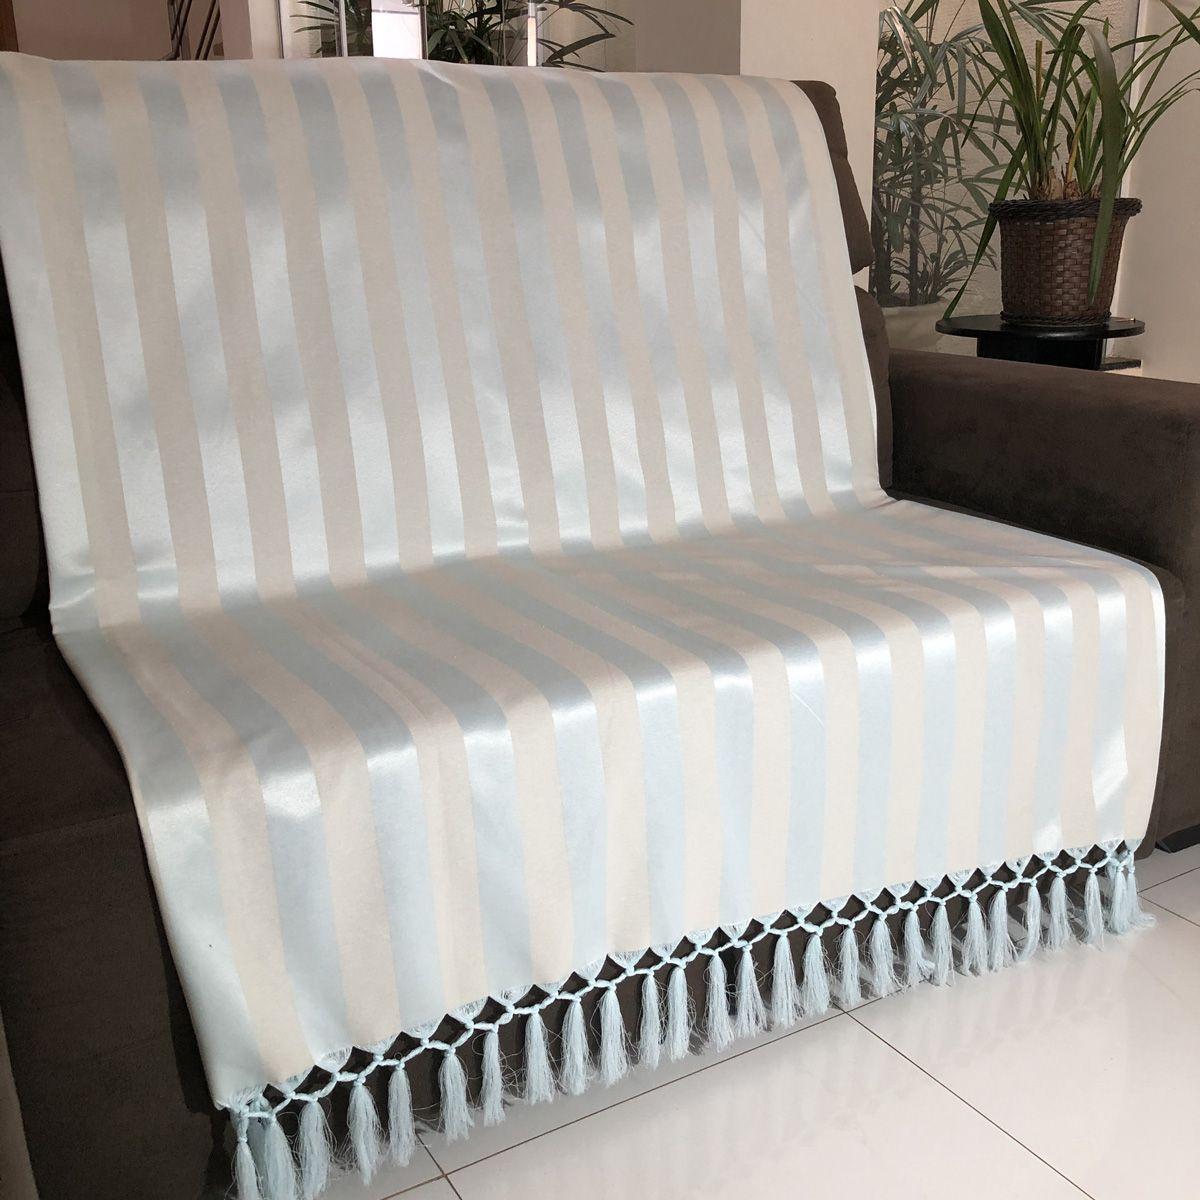 Manta Para Sofá em Tecido Jacquard Listrado Azul Claro com Bege 190x140cm